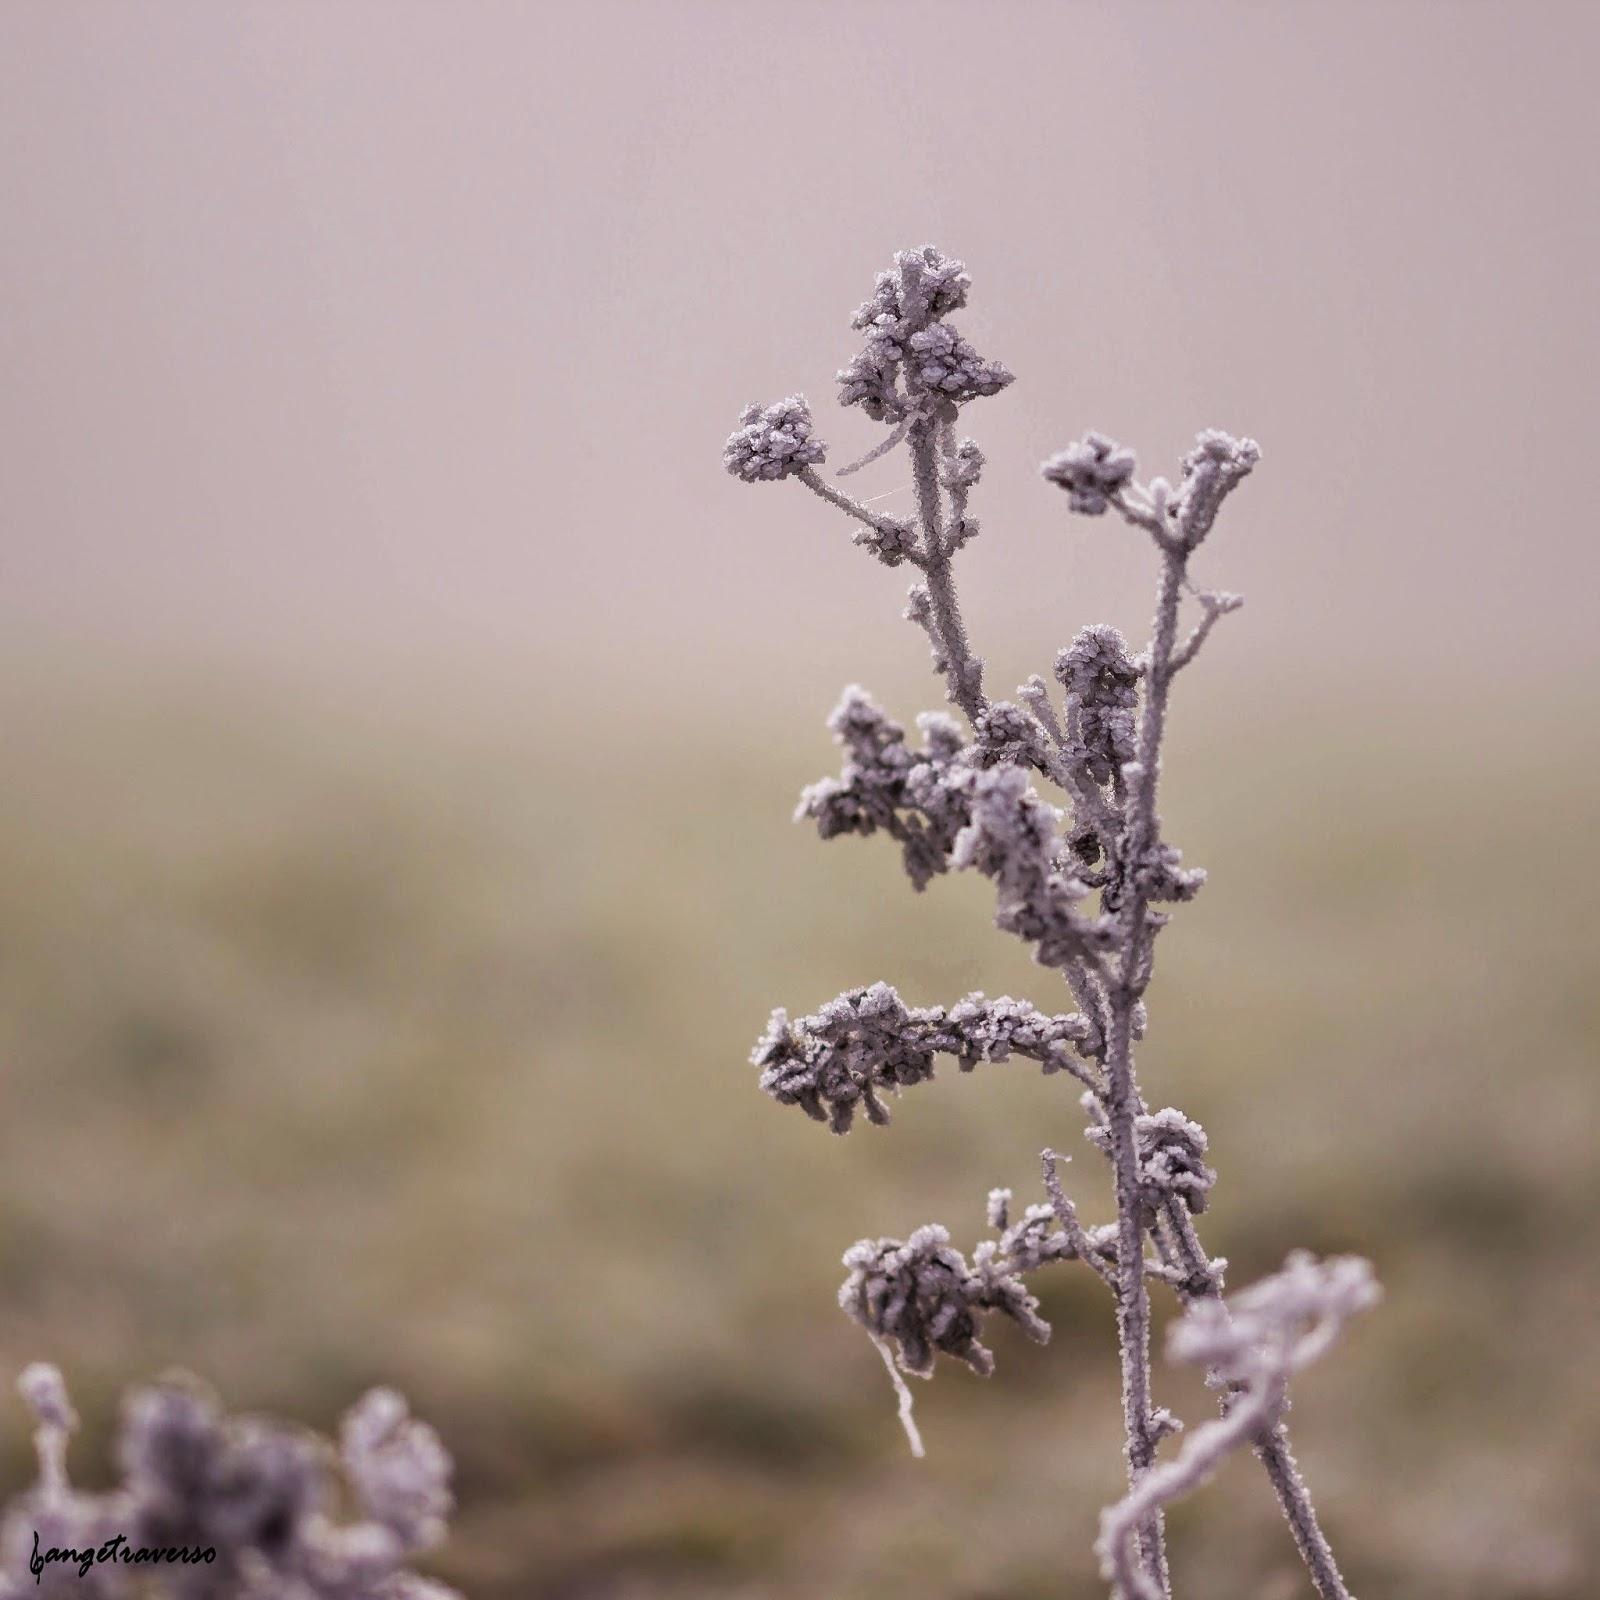 Fleur séchée couverte de givre par un matin brumeux